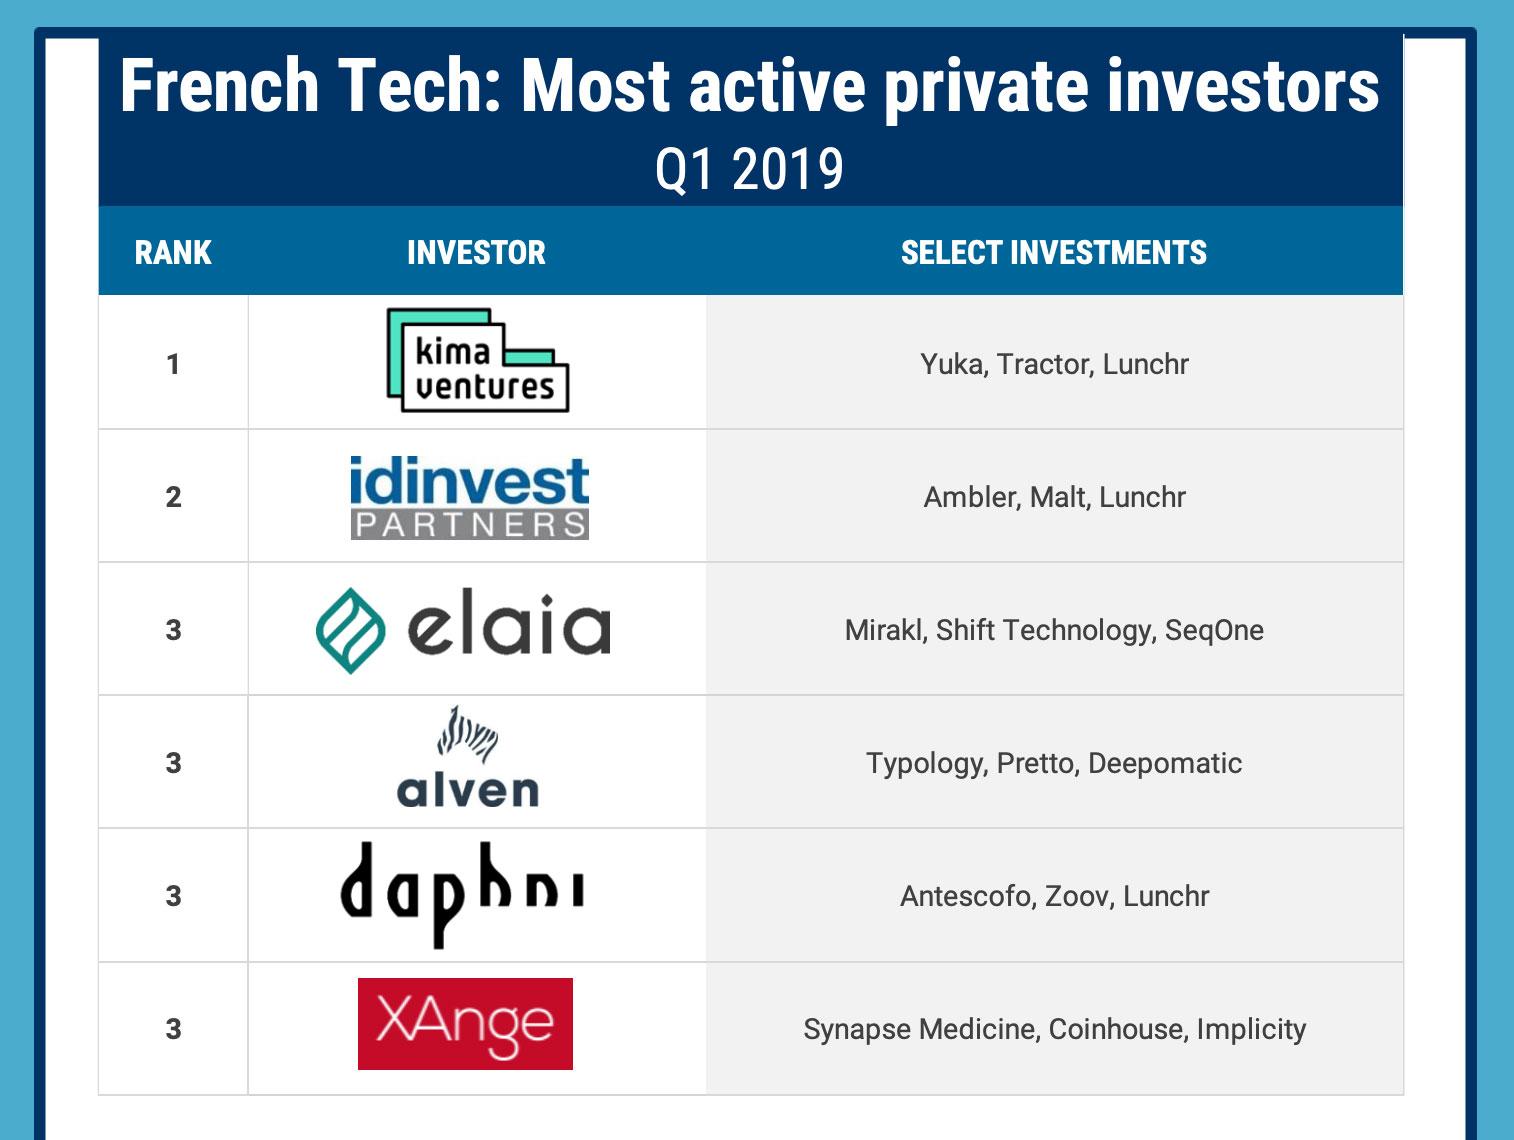 Les investisseurs les plus actifs dans la French Tech